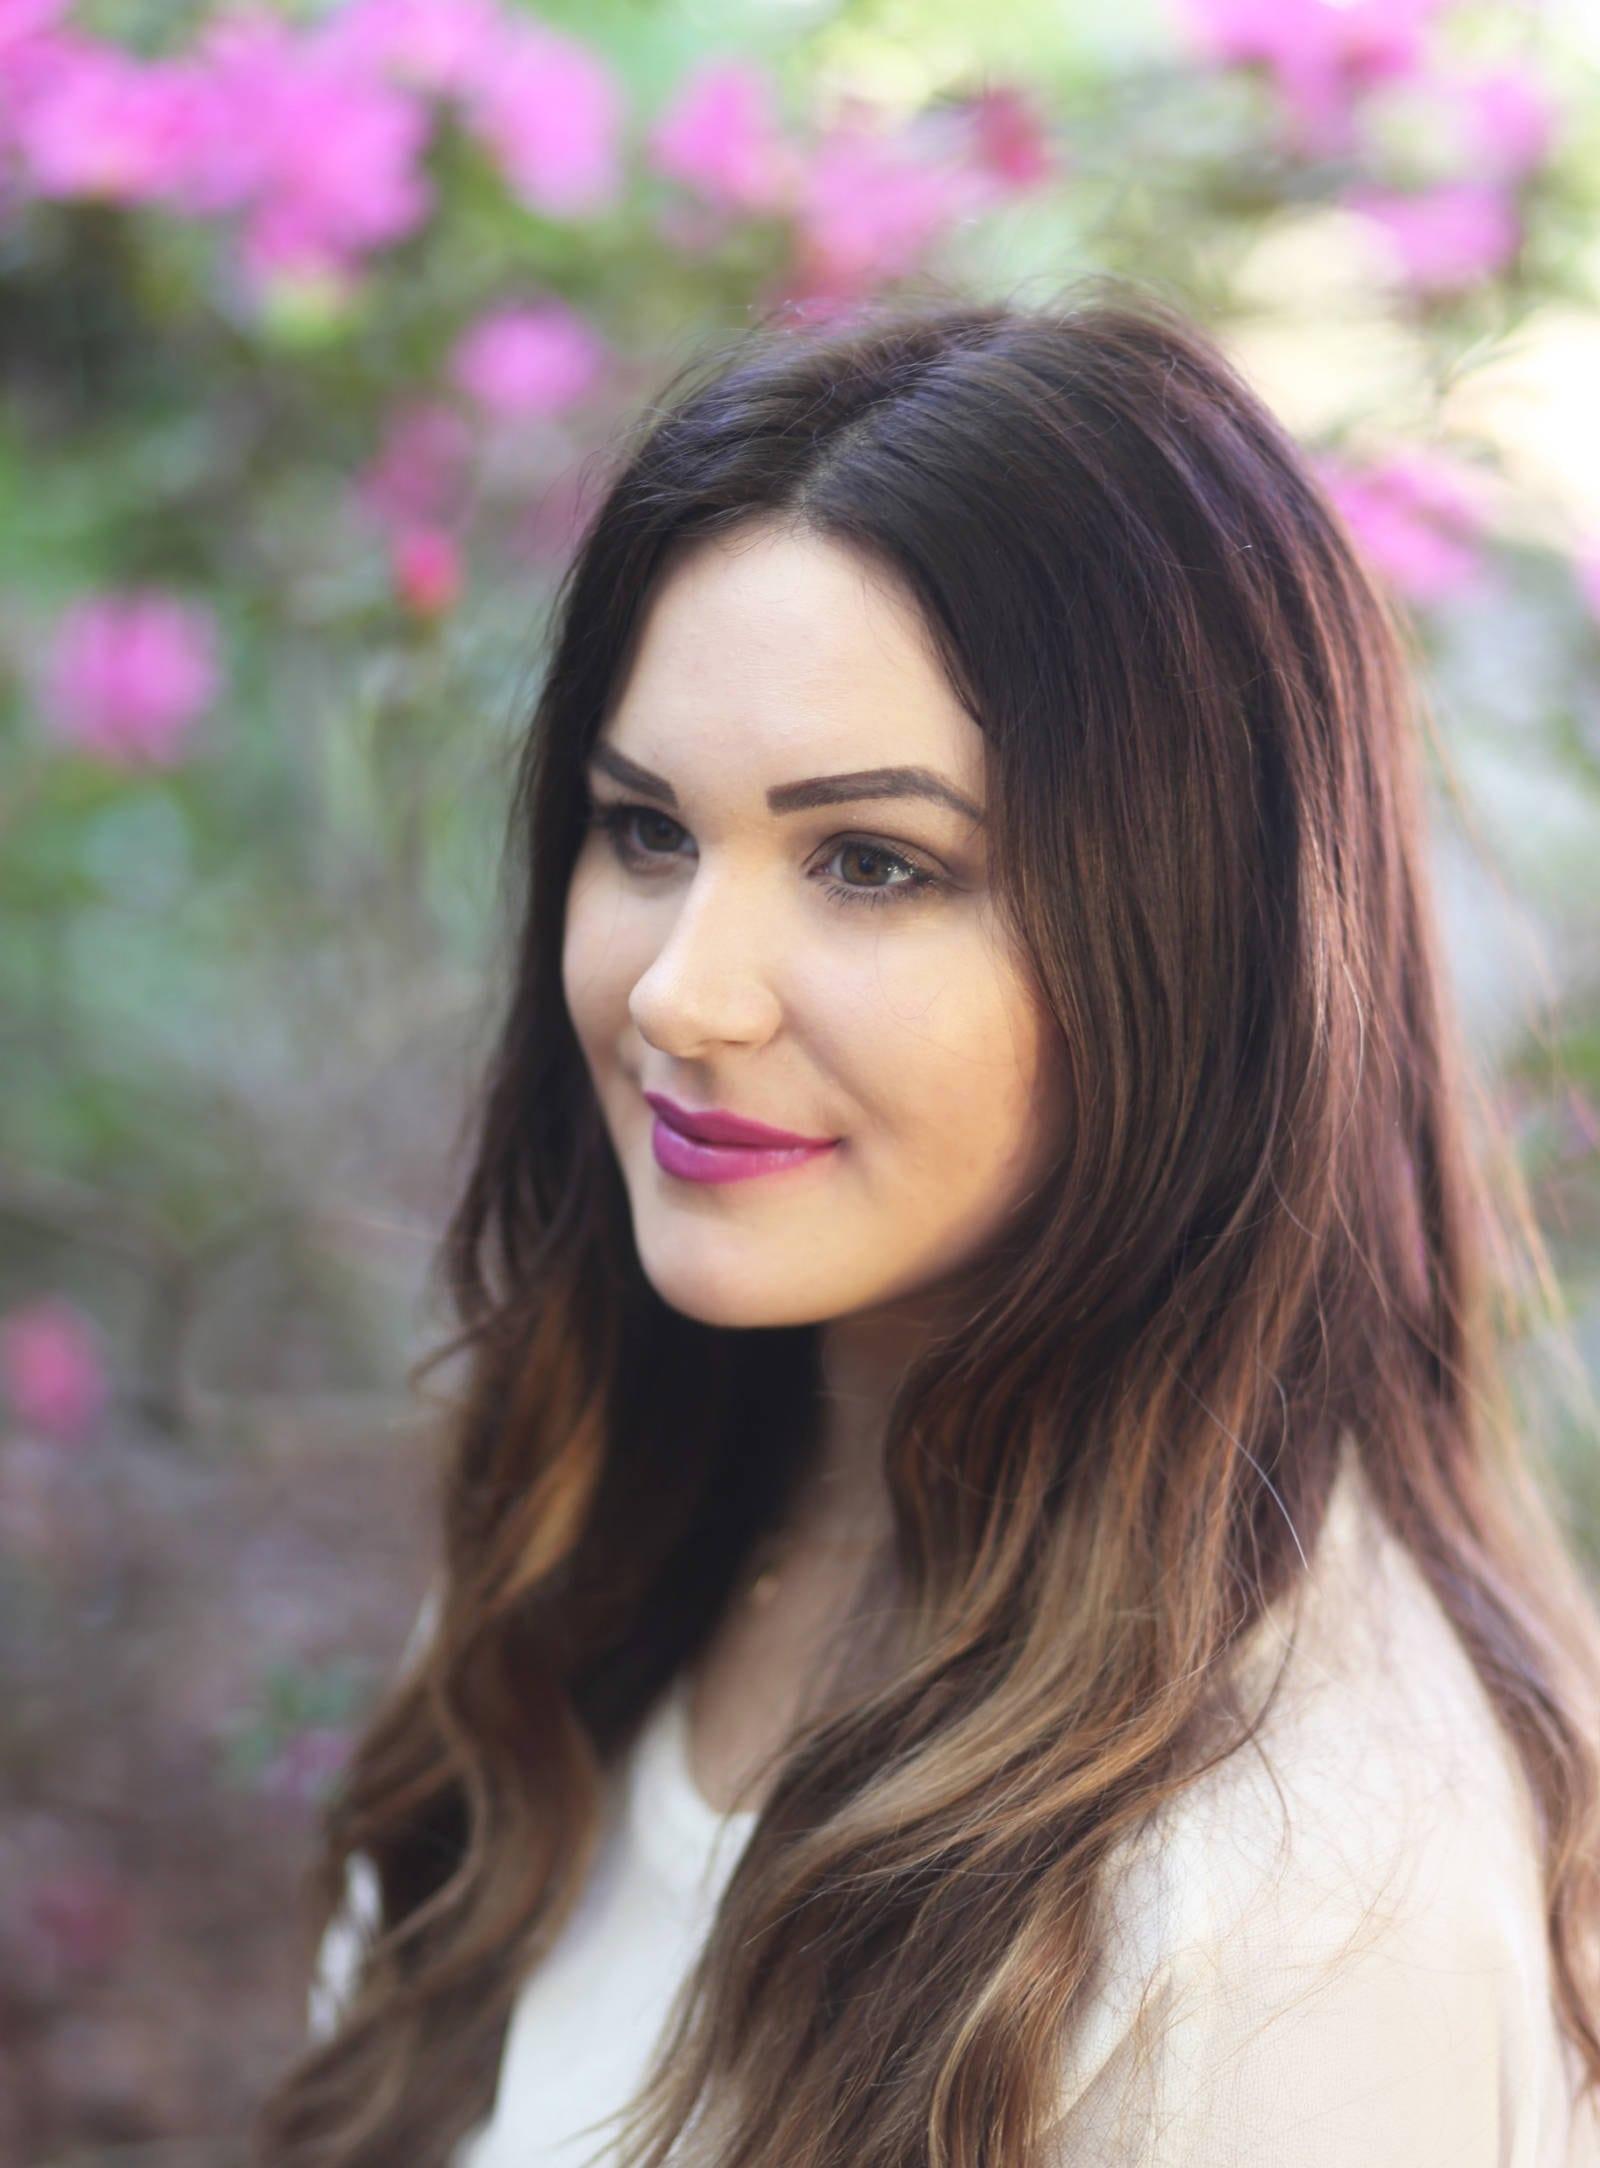 floral inspired makeup   spring makeup   makeup tutorial   Mash Elle   flowers   pink